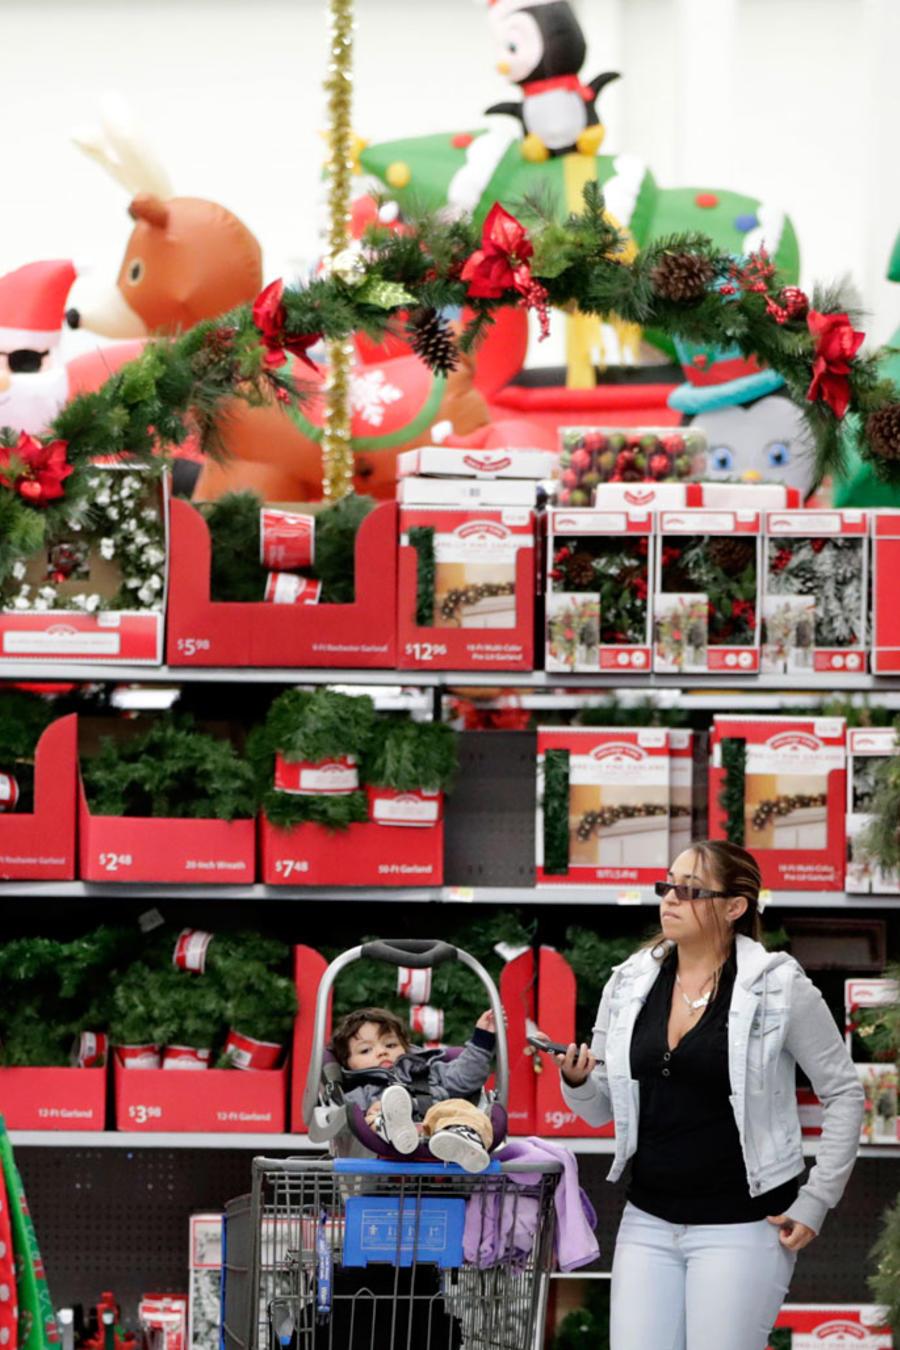 Tienda de Walmart en Seacaucus, Nueva Jersey